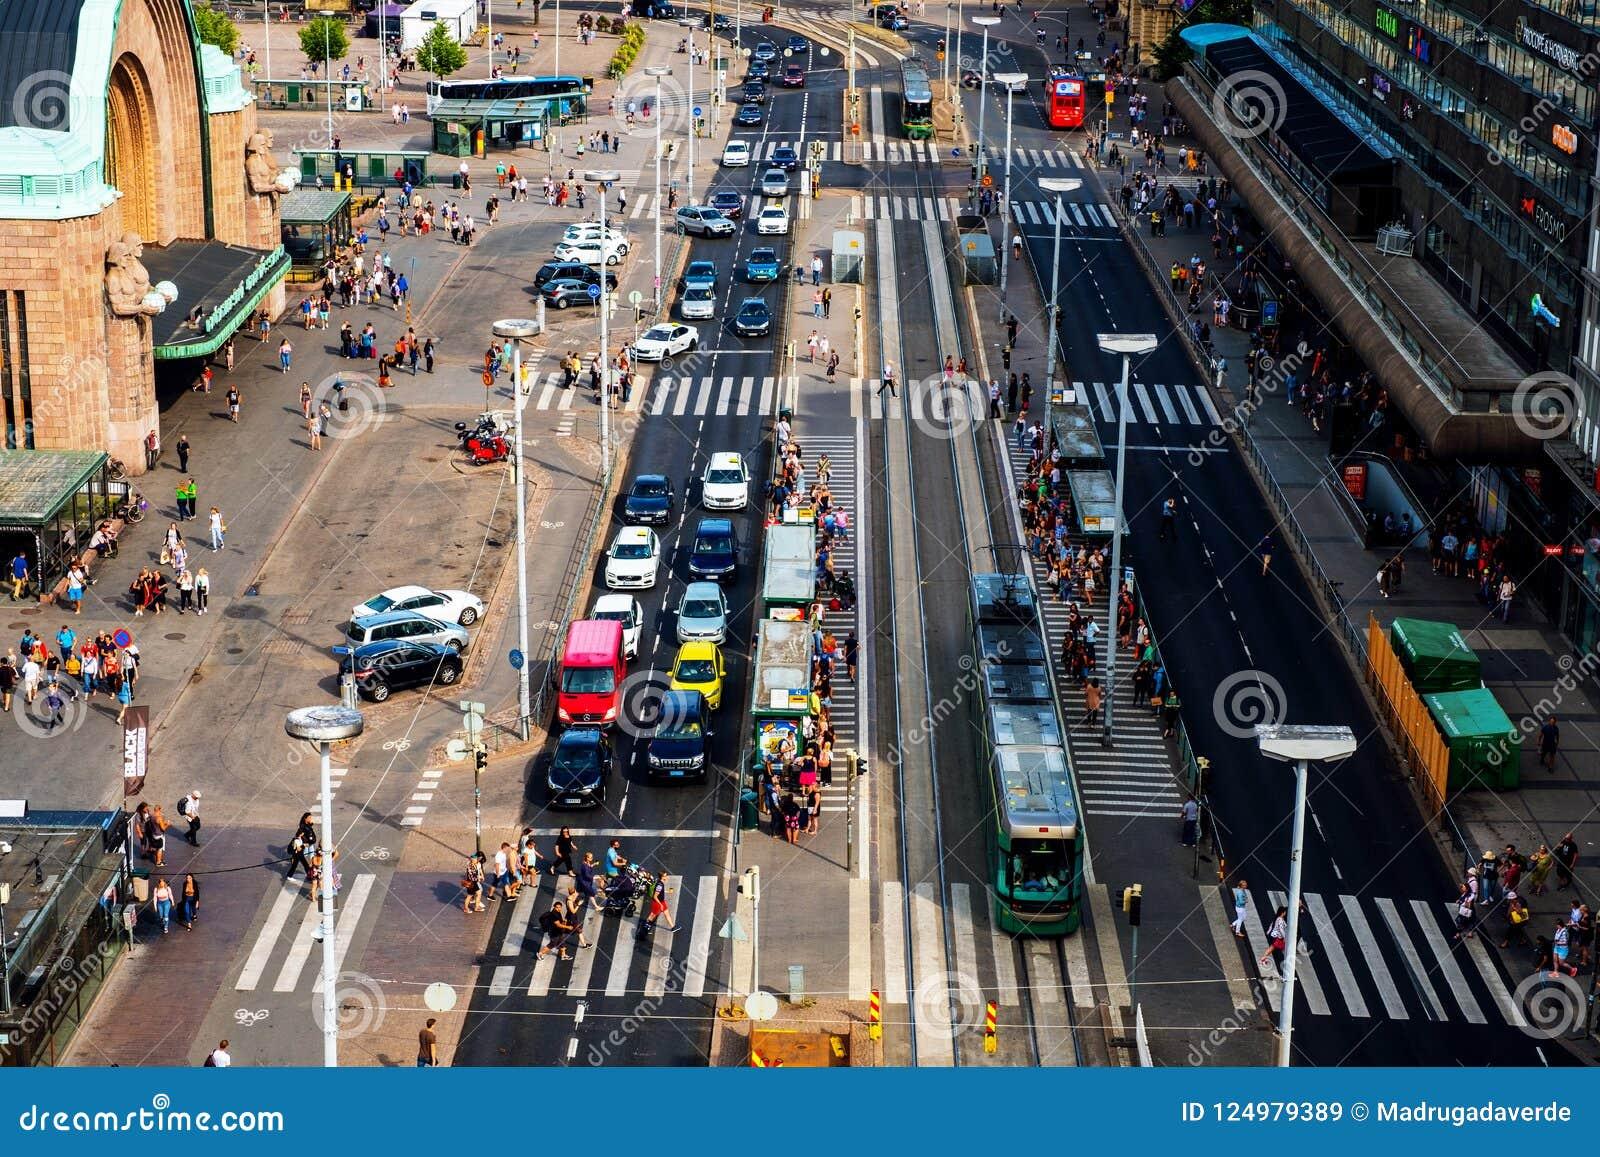 Κέντρο πόλεων του Ελσίνκι η πρωτεύουσα της Φινλανδίας Άνθρωποι, κυκλοφορία αυτοκινήτων και τραμ